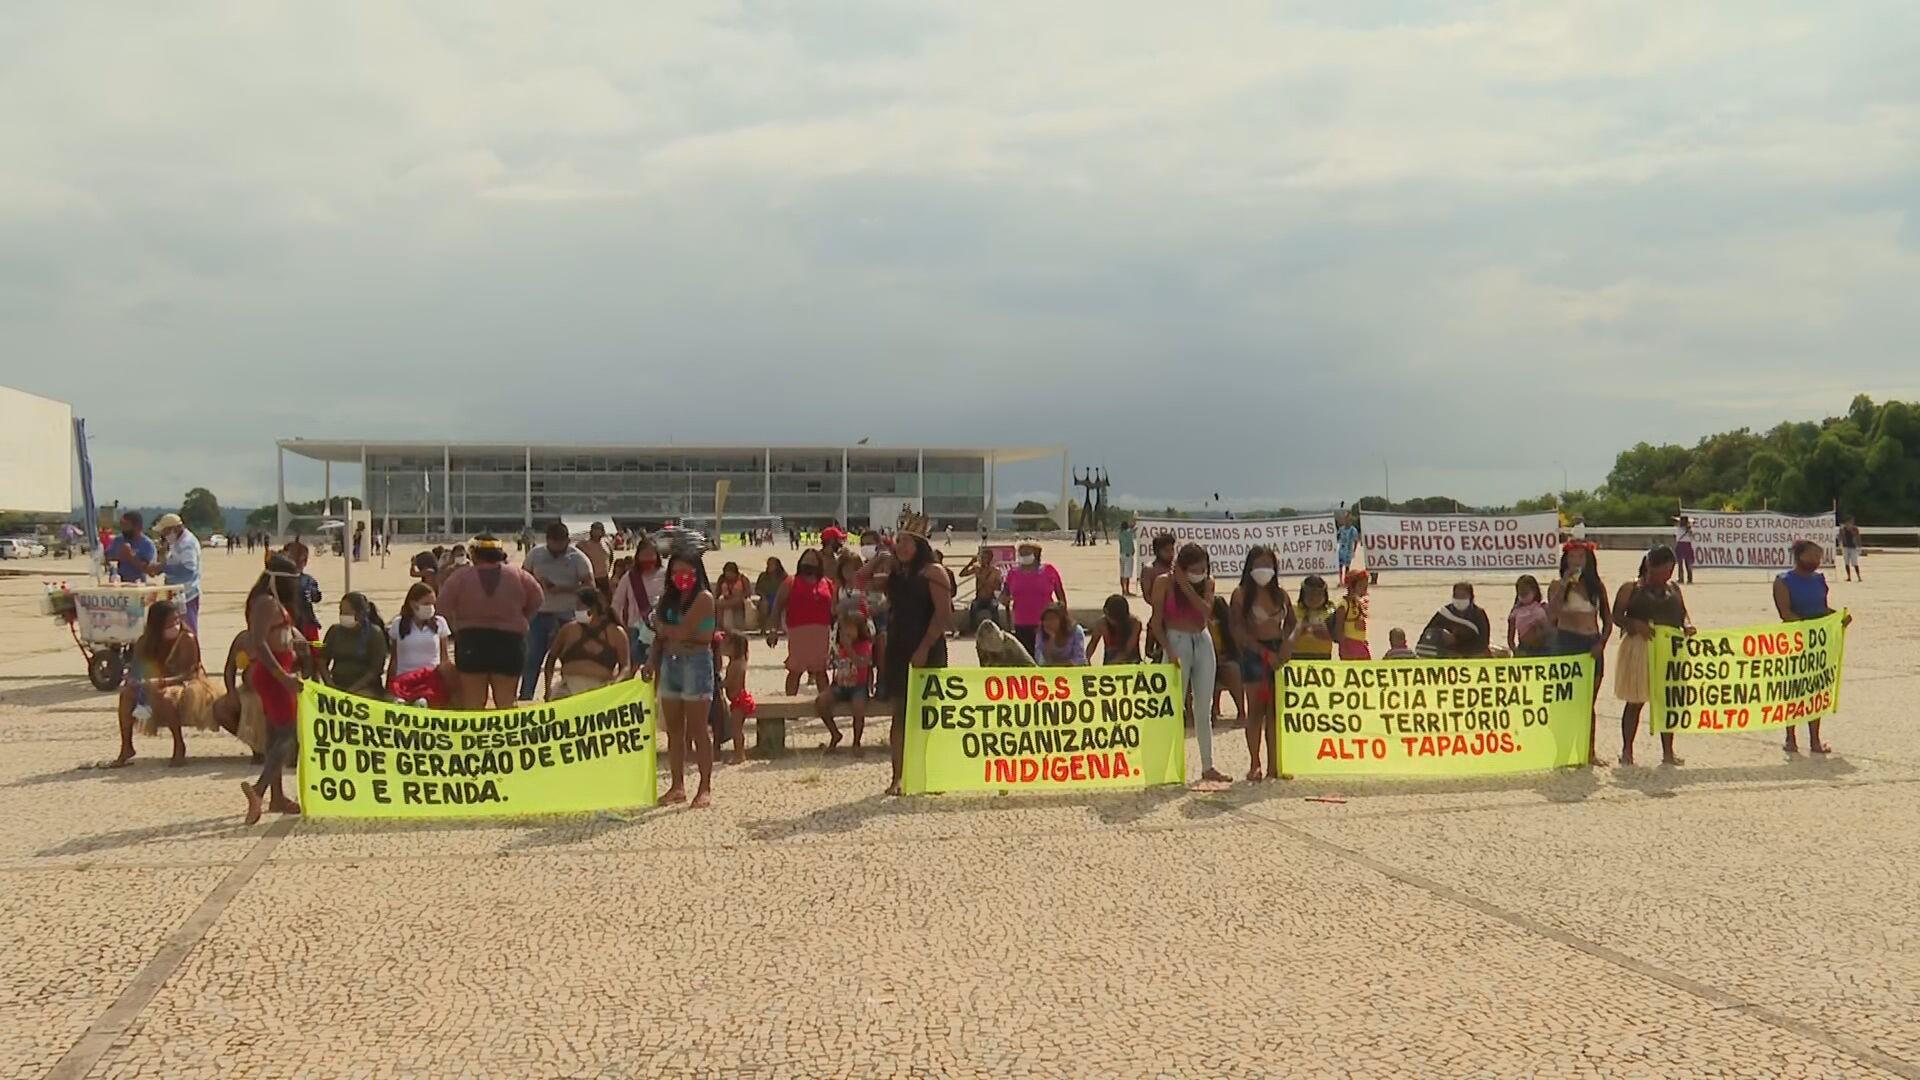 Indígenas protestam em Brasília pela proteção de terras tradicionais